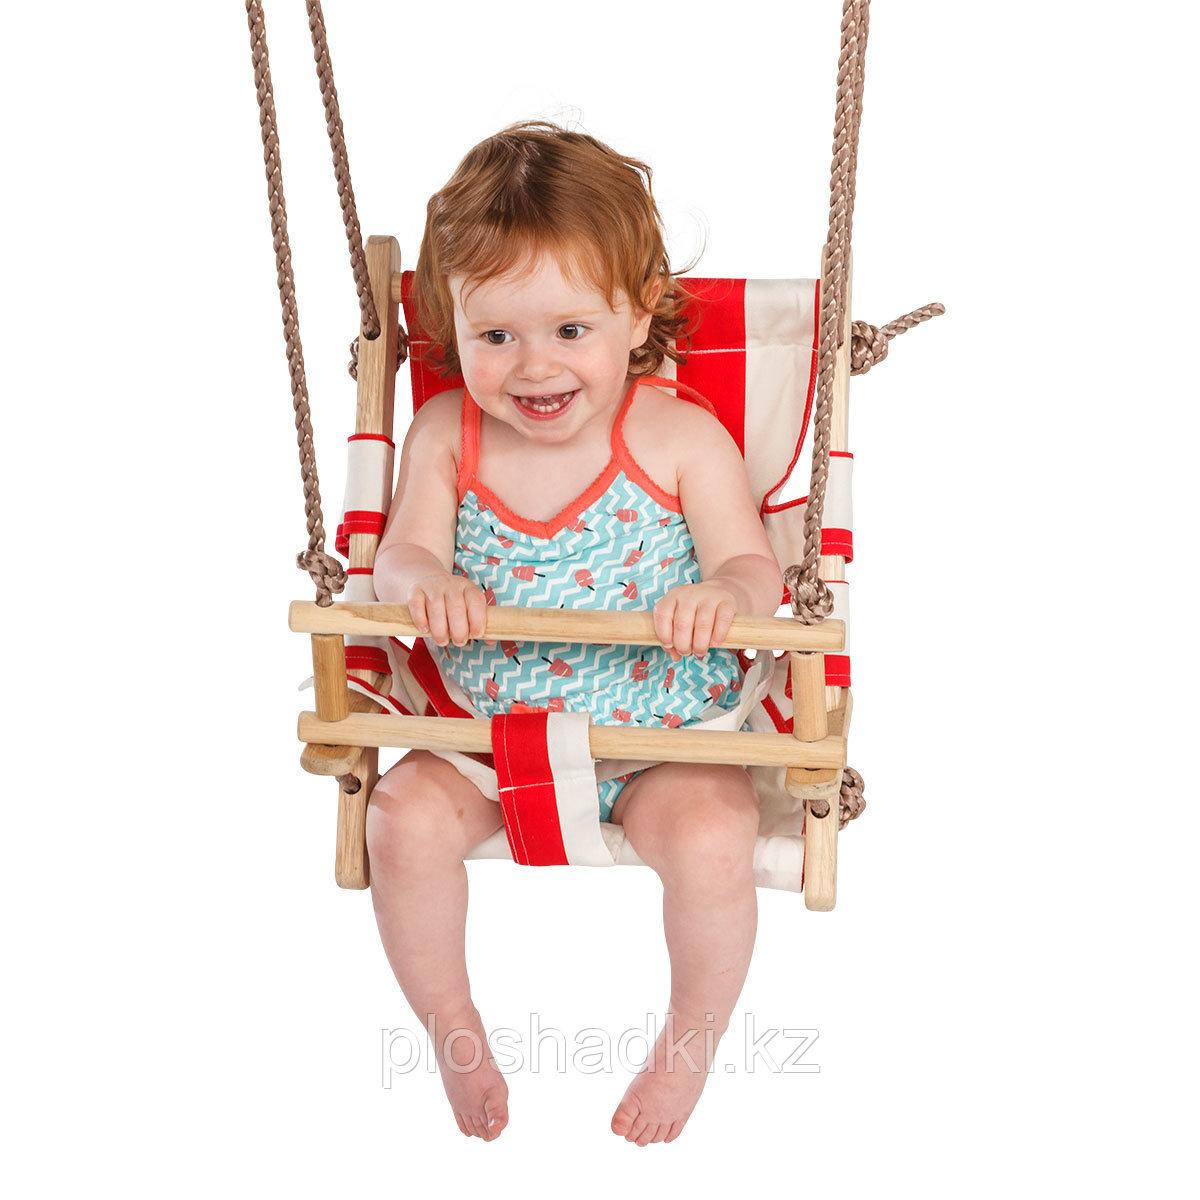 Качели полотняное детское сиденье